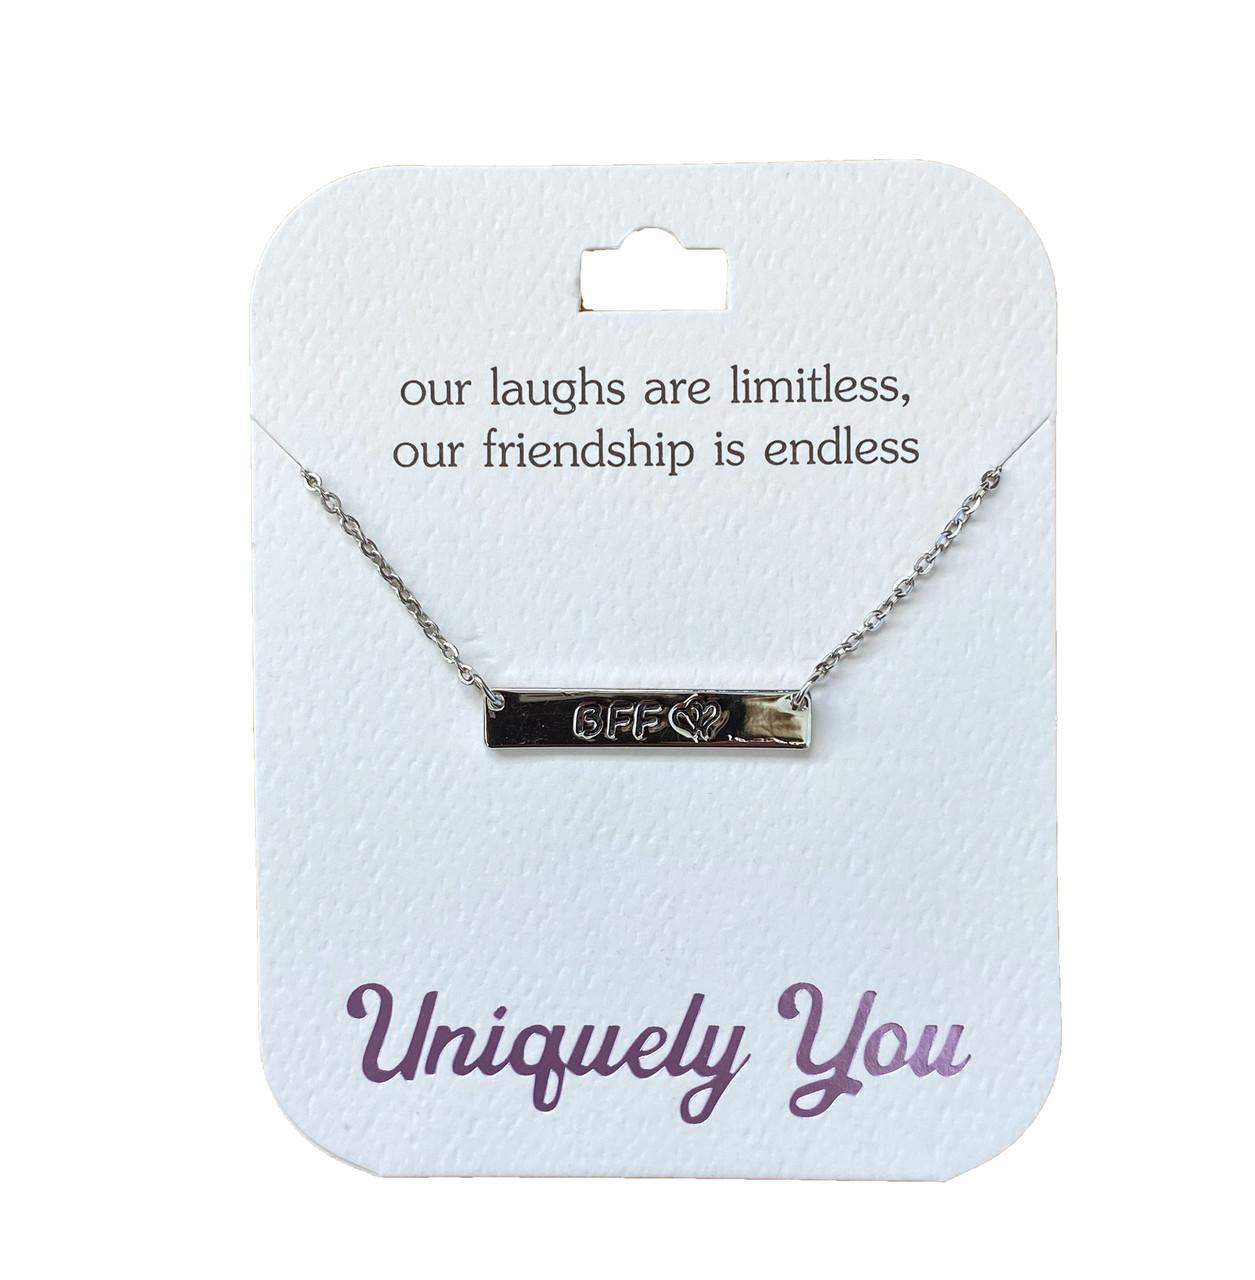 YOU1305 Uniquely You Pendant, Friendship is endless